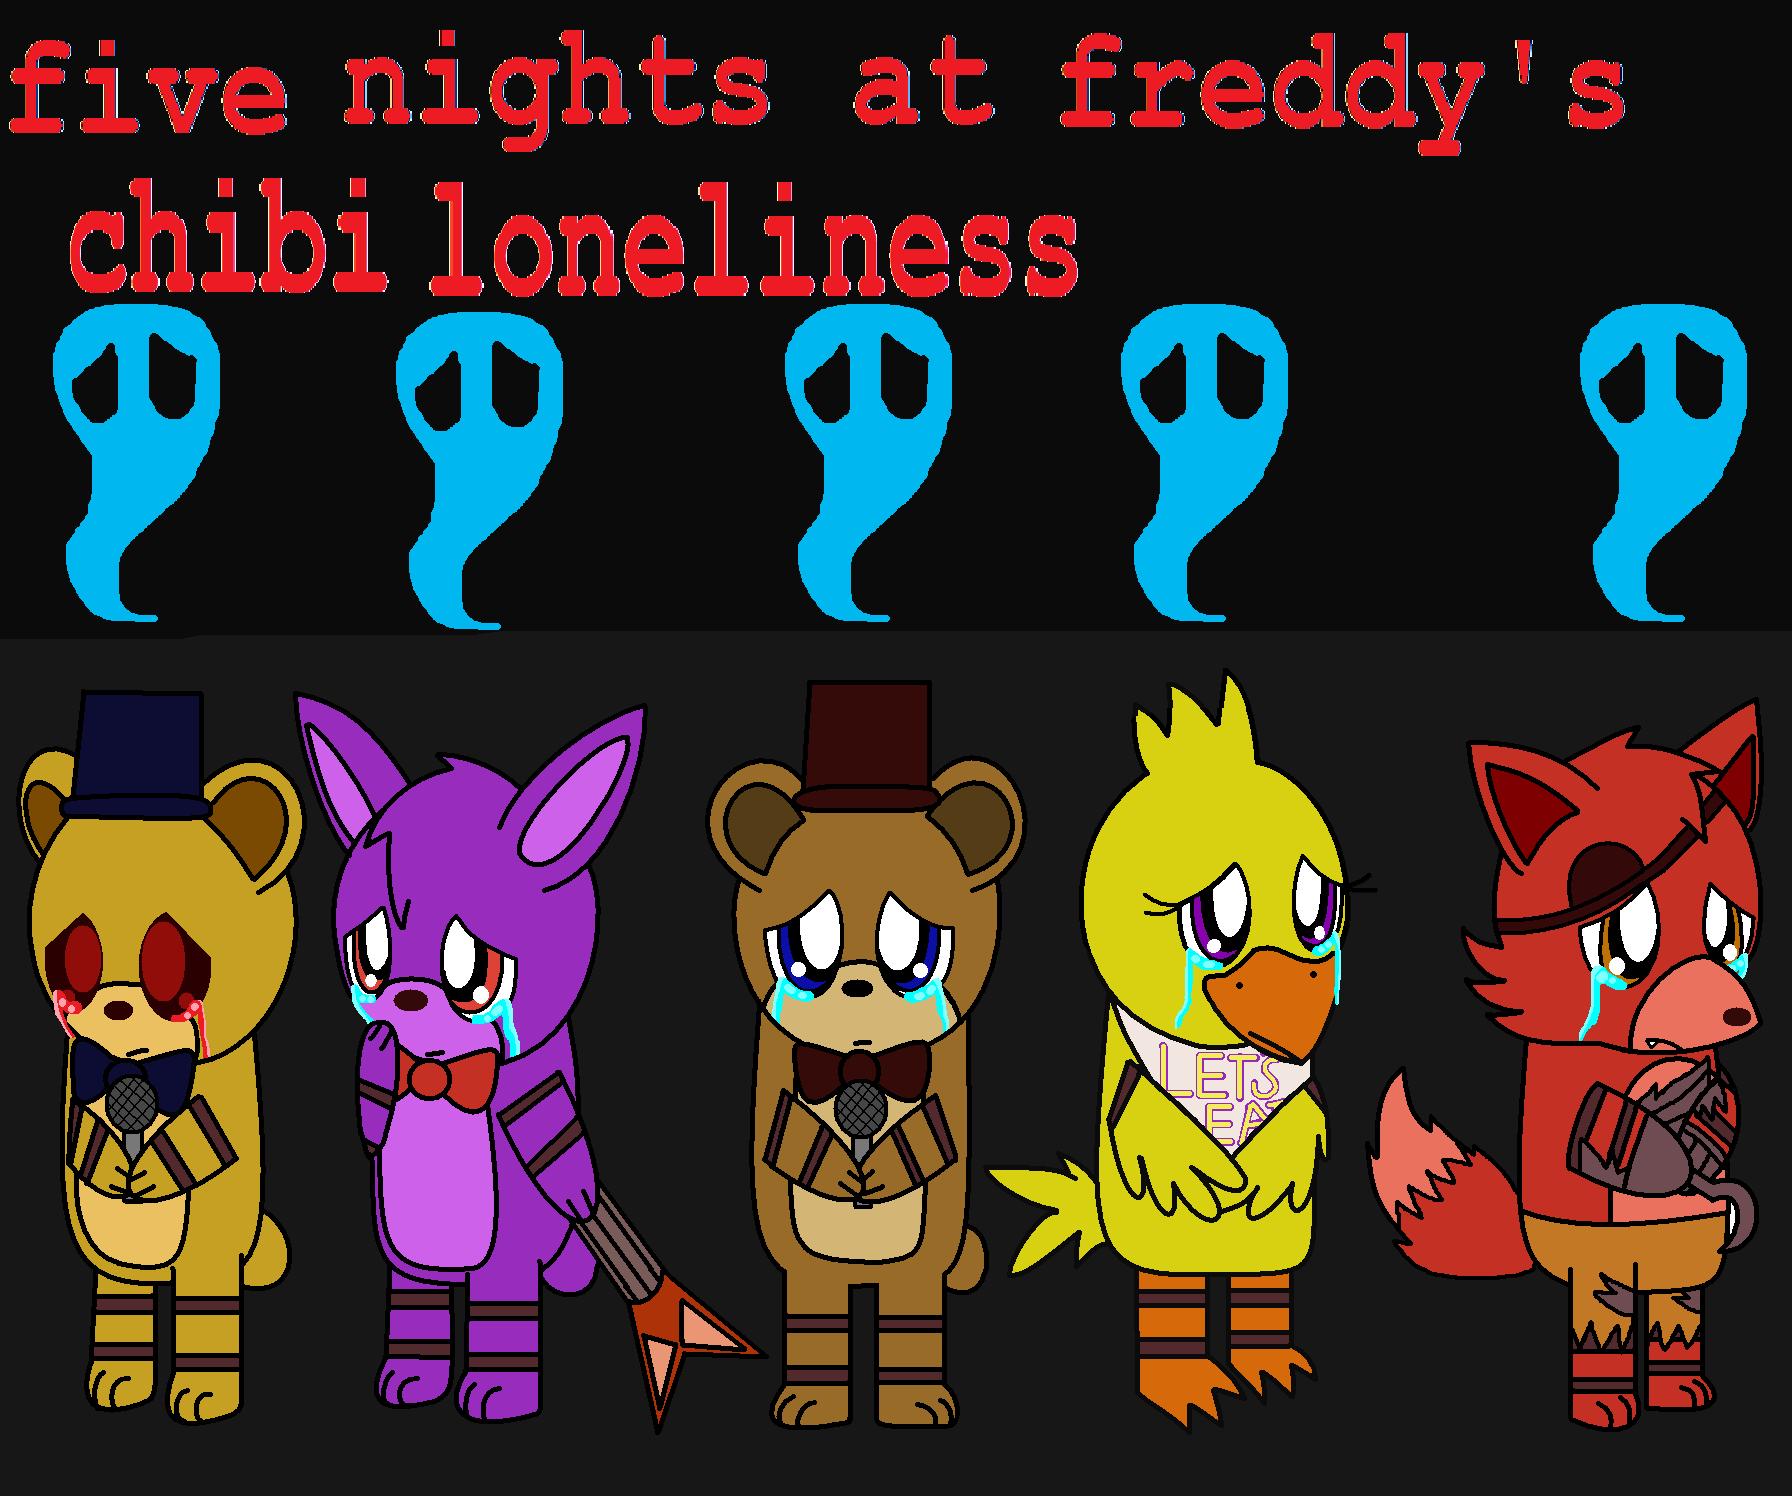 картинки five nights at freddy's 2